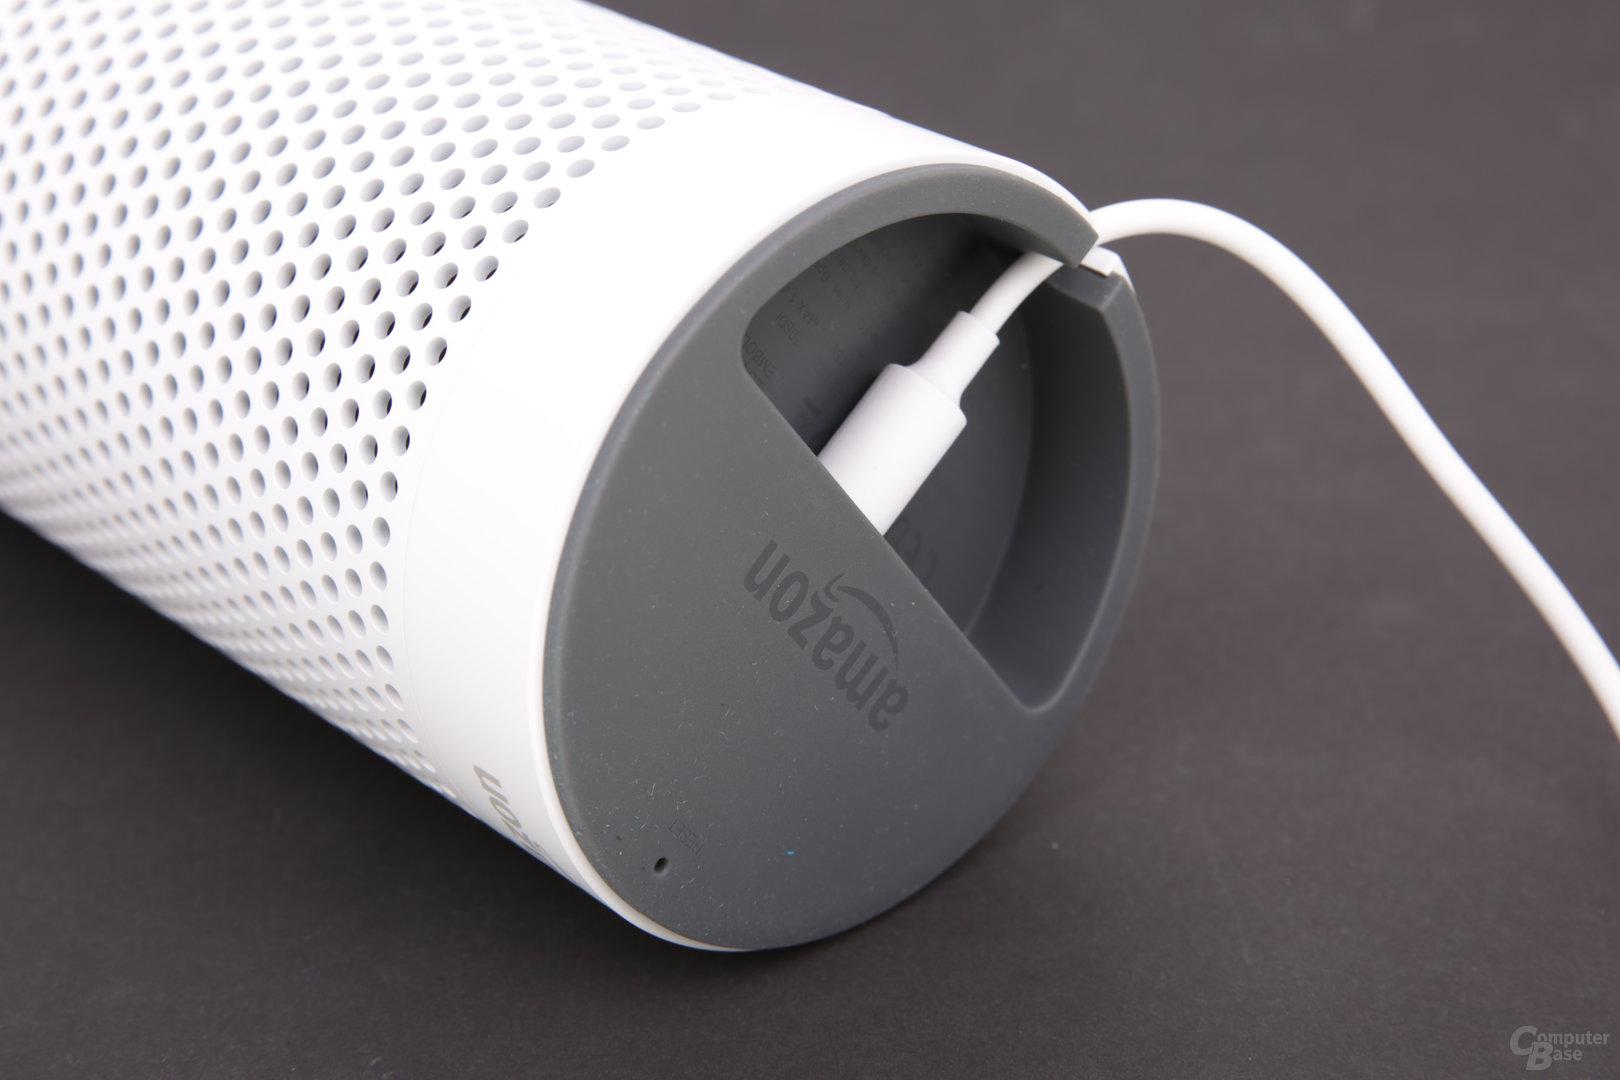 Stromanschluss des Amazon Echo